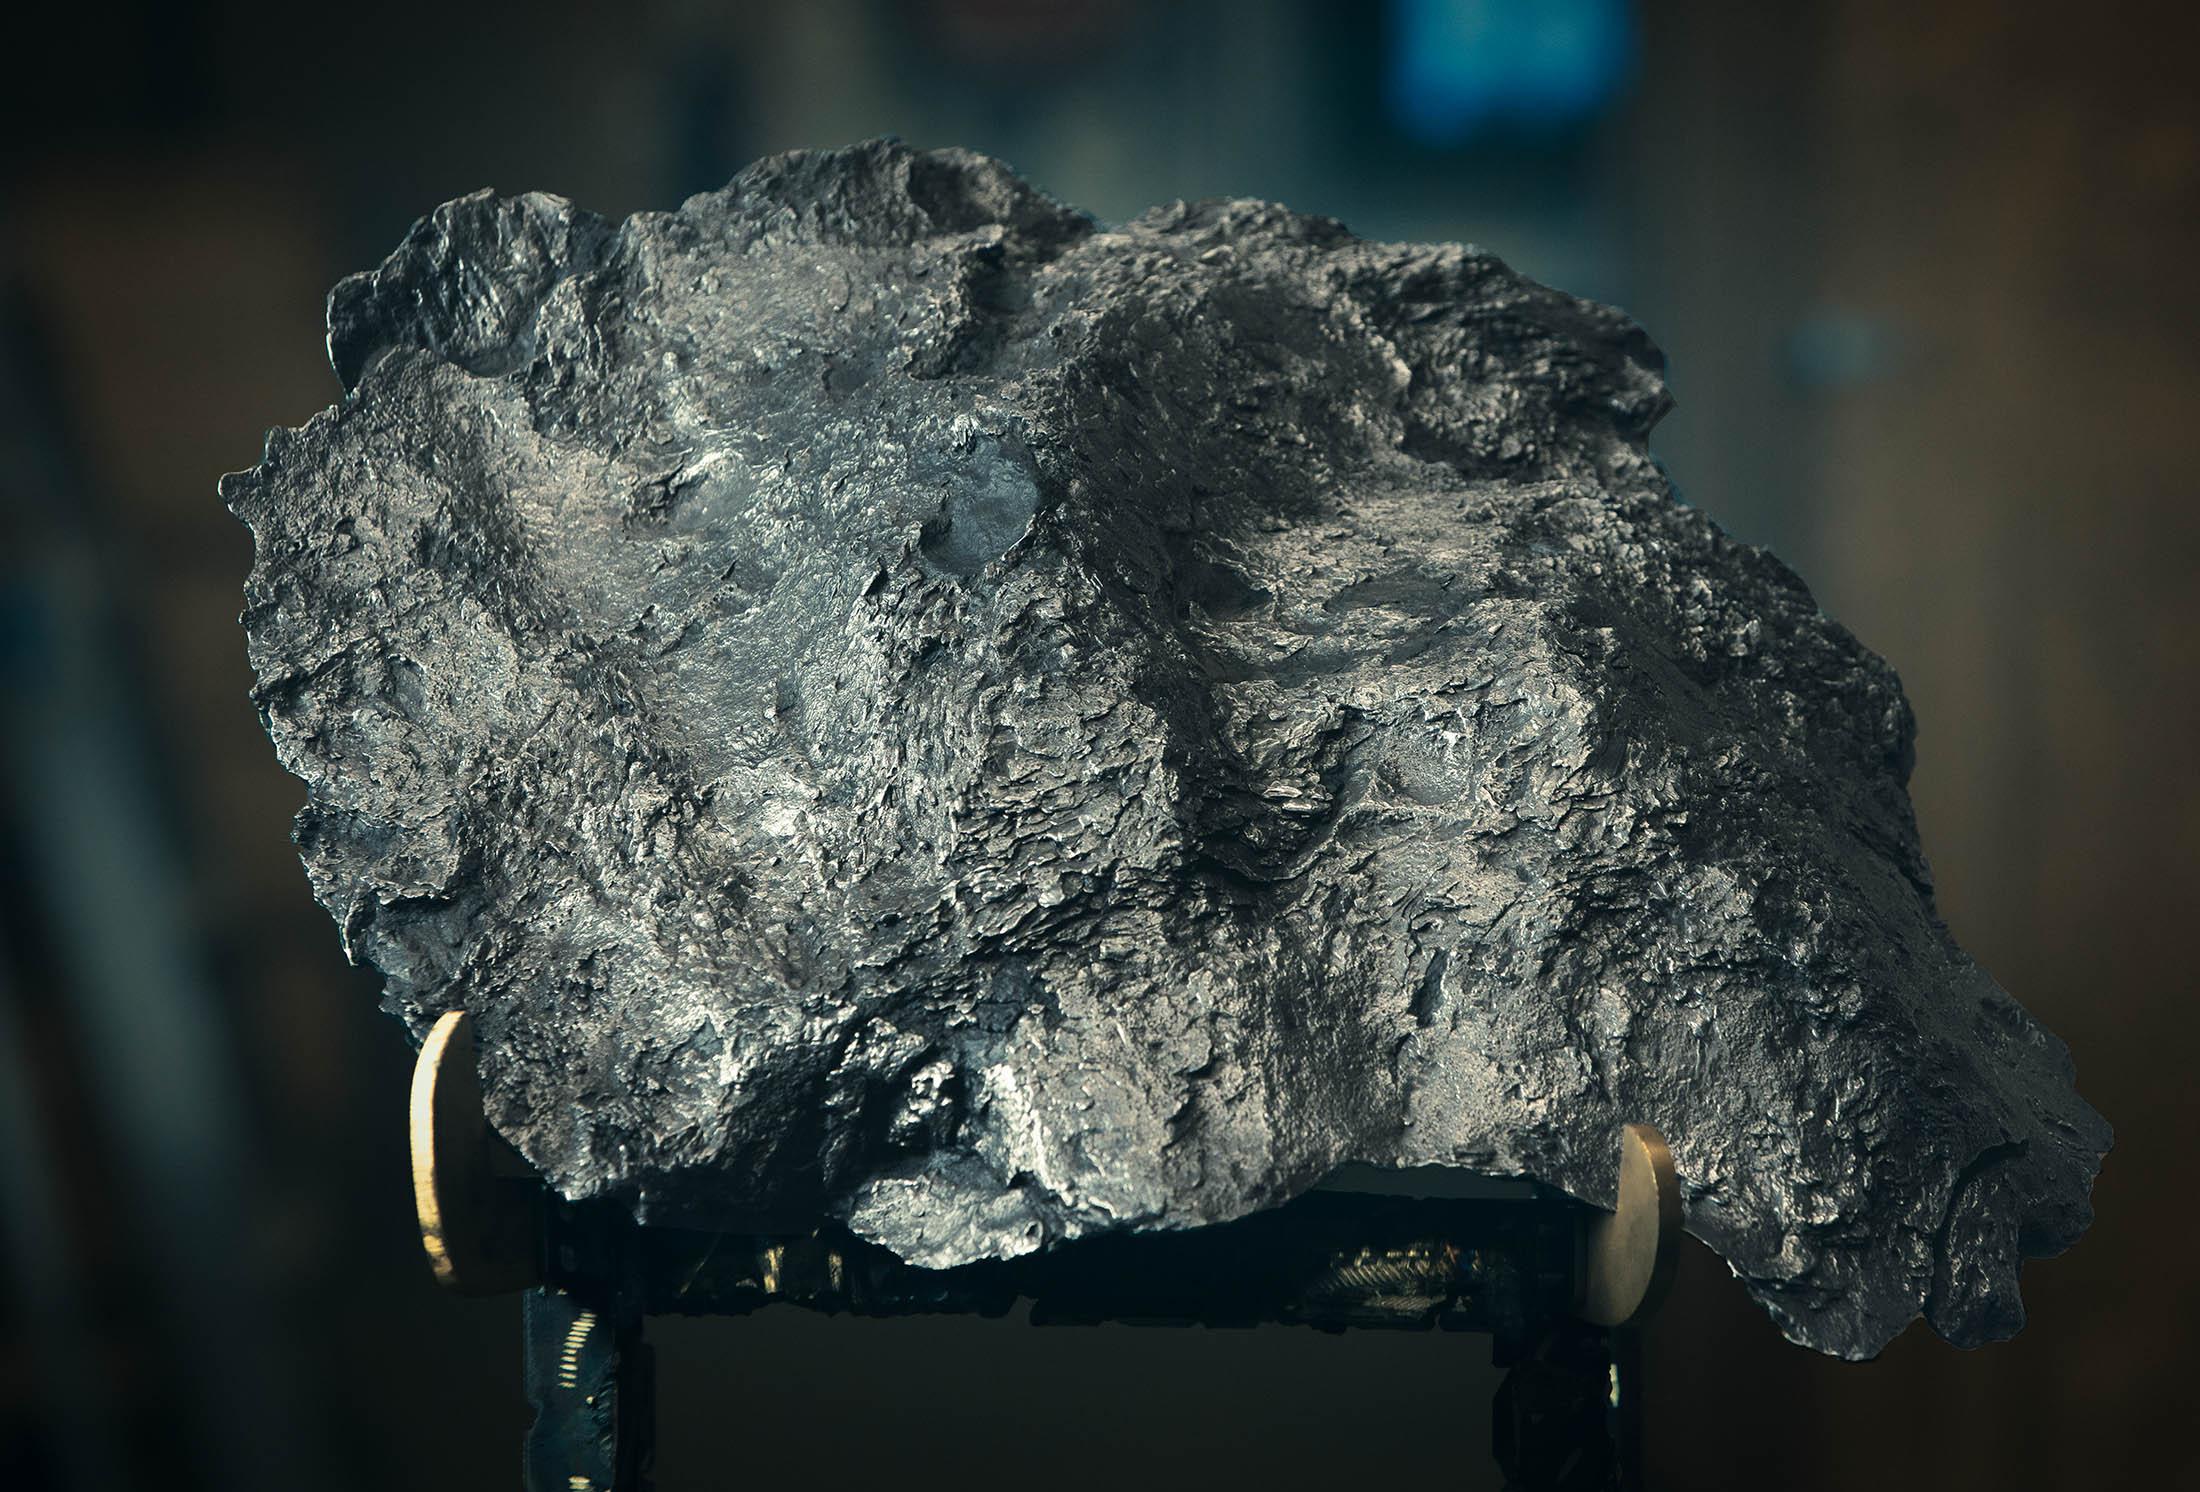 Large Campo del Cielo Iron Meteorite Shrapnel